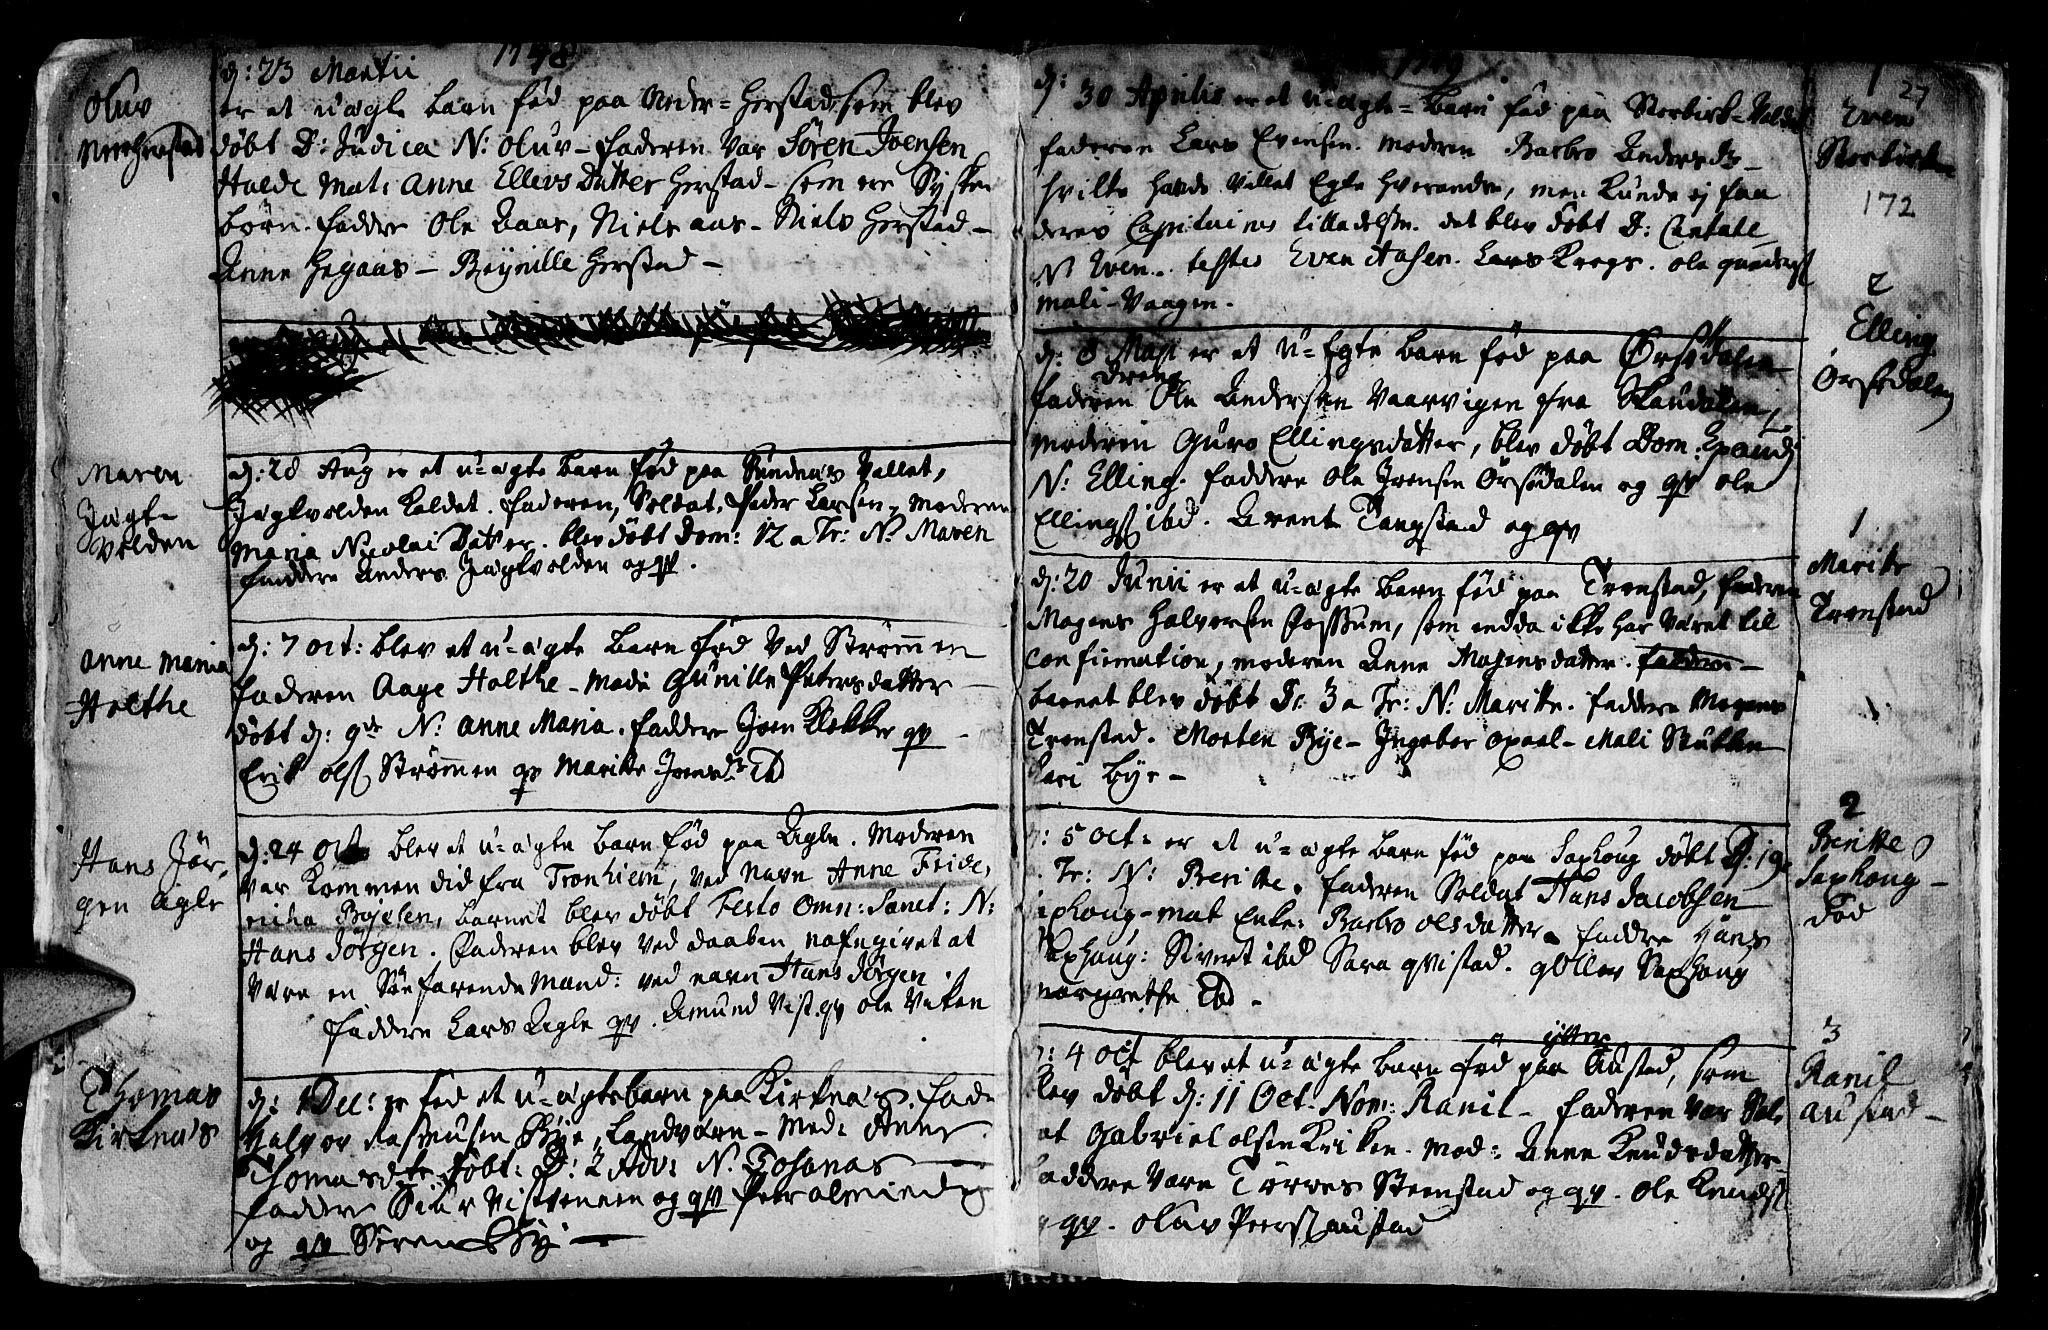 SAT, Ministerialprotokoller, klokkerbøker og fødselsregistre - Nord-Trøndelag, 730/L0272: Ministerialbok nr. 730A01, 1733-1764, s. 172